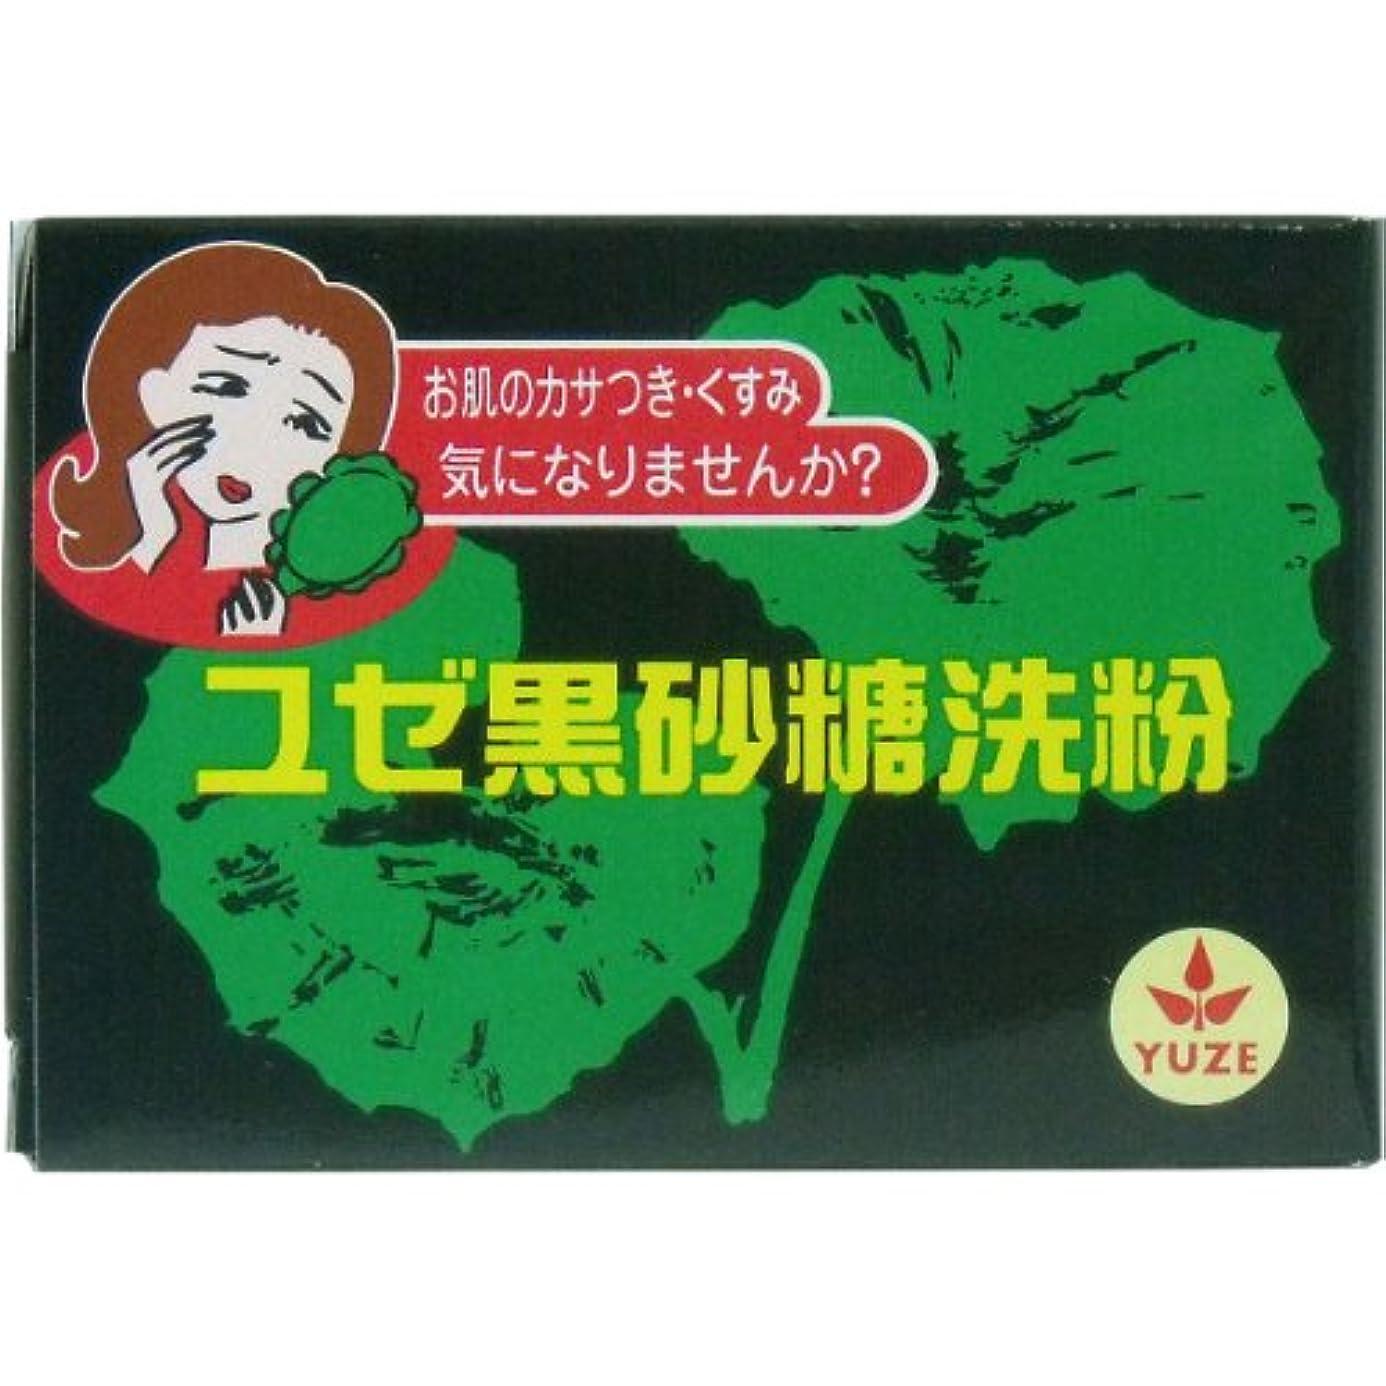 【まとめ買い】ユゼ 黒砂糖洗粉 75g ×2セット